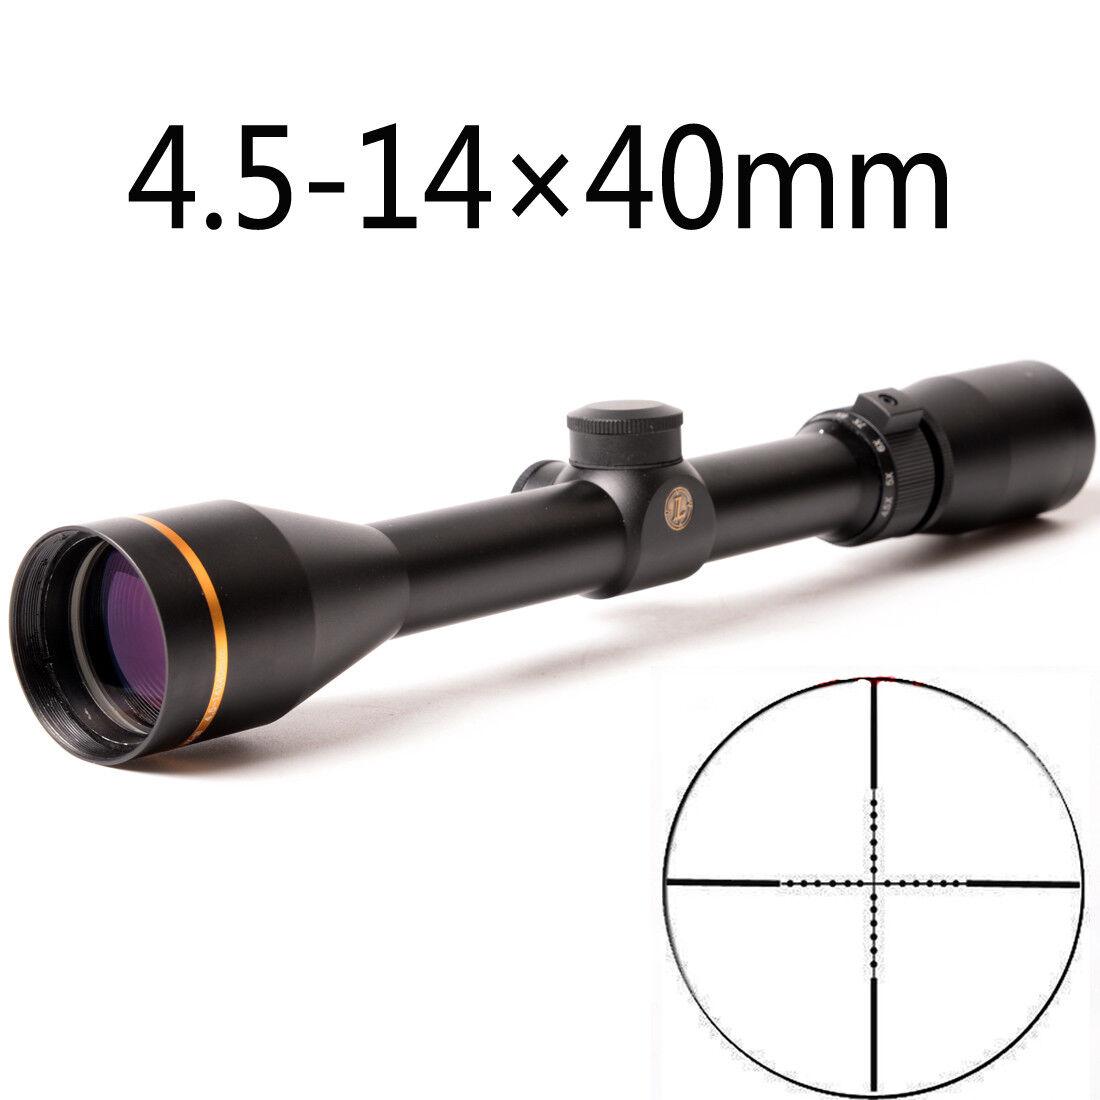 Mira Para Rifle táctico 4.5-14X40mm Mil Dot Retícula dúplex HD Vidrio Vista Alcance